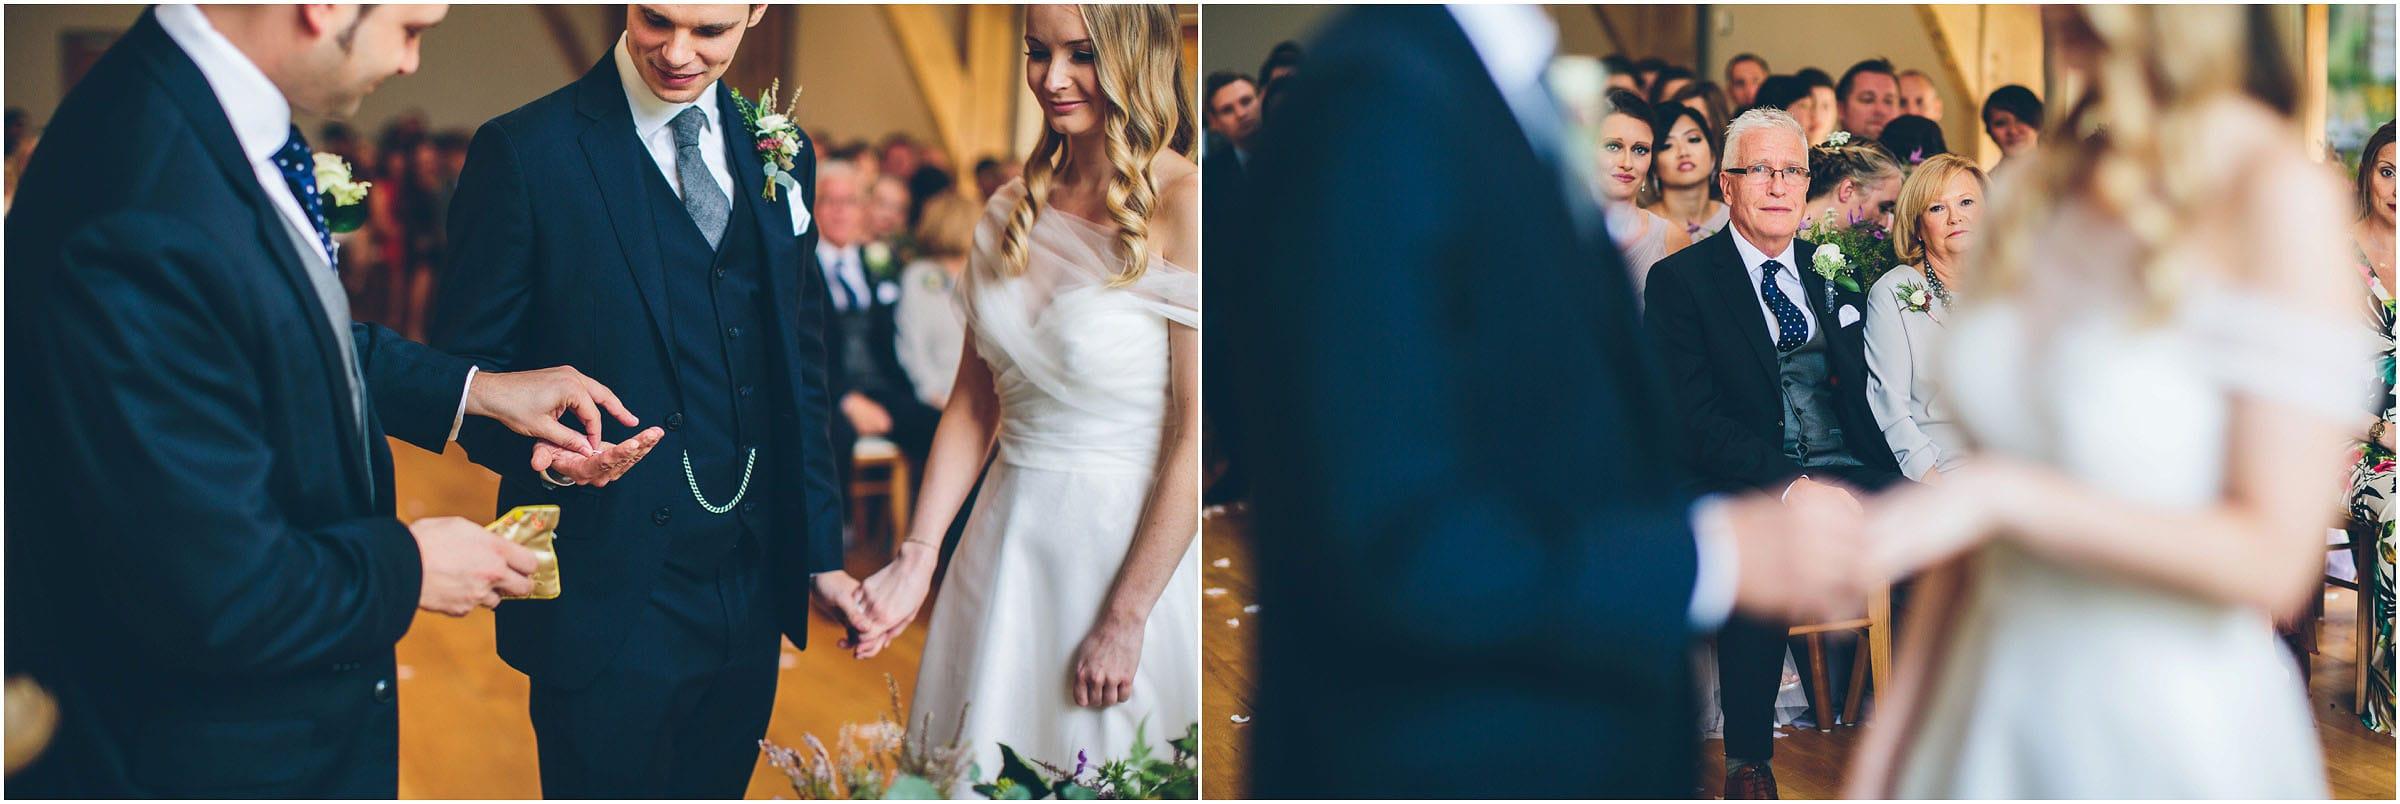 easton_grange_wedding_photography_0035